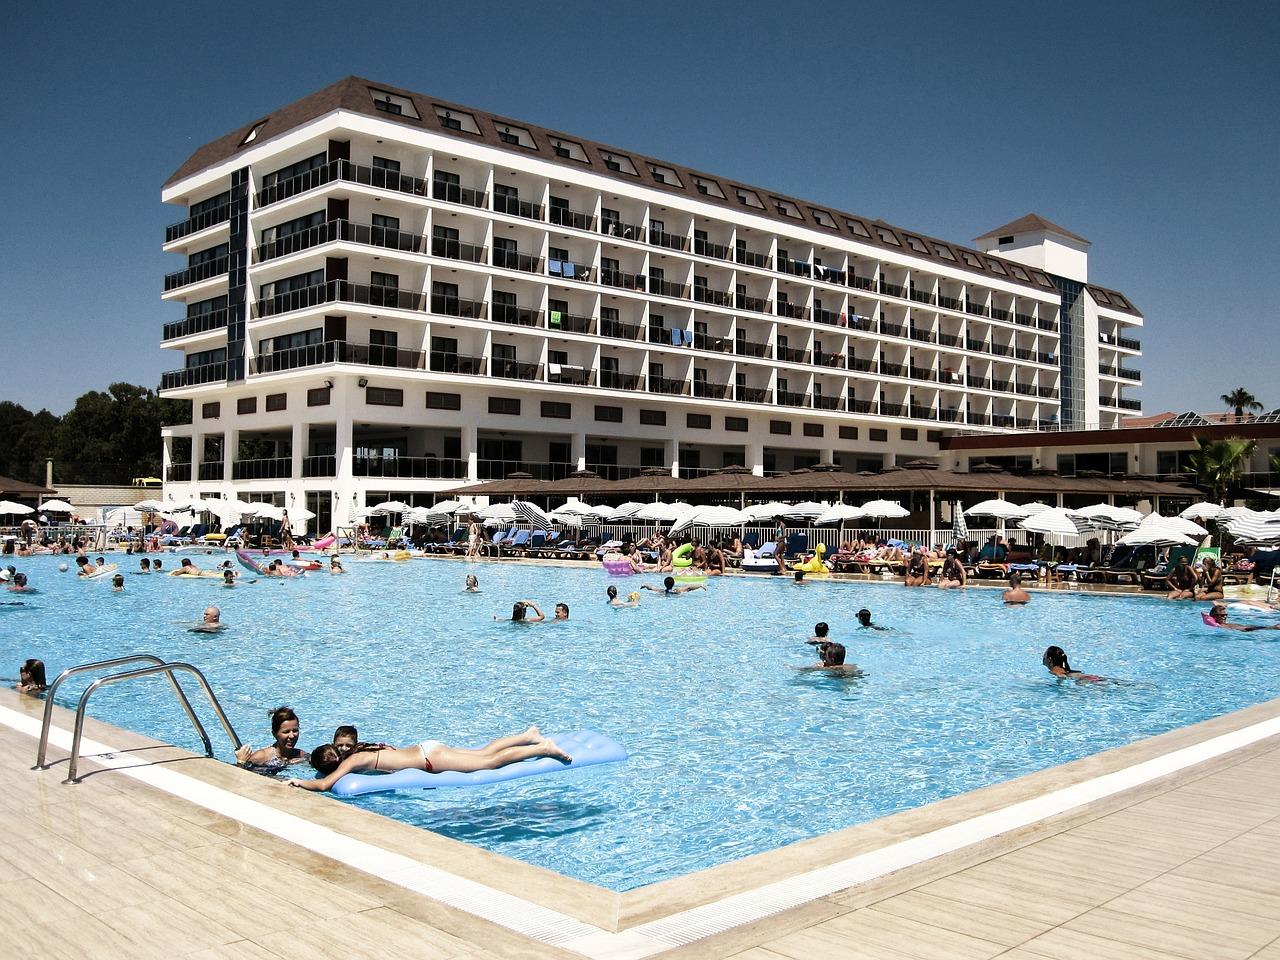 Туры в Турцию. Особенности некоторых курортов анталийского побережья и преимущества